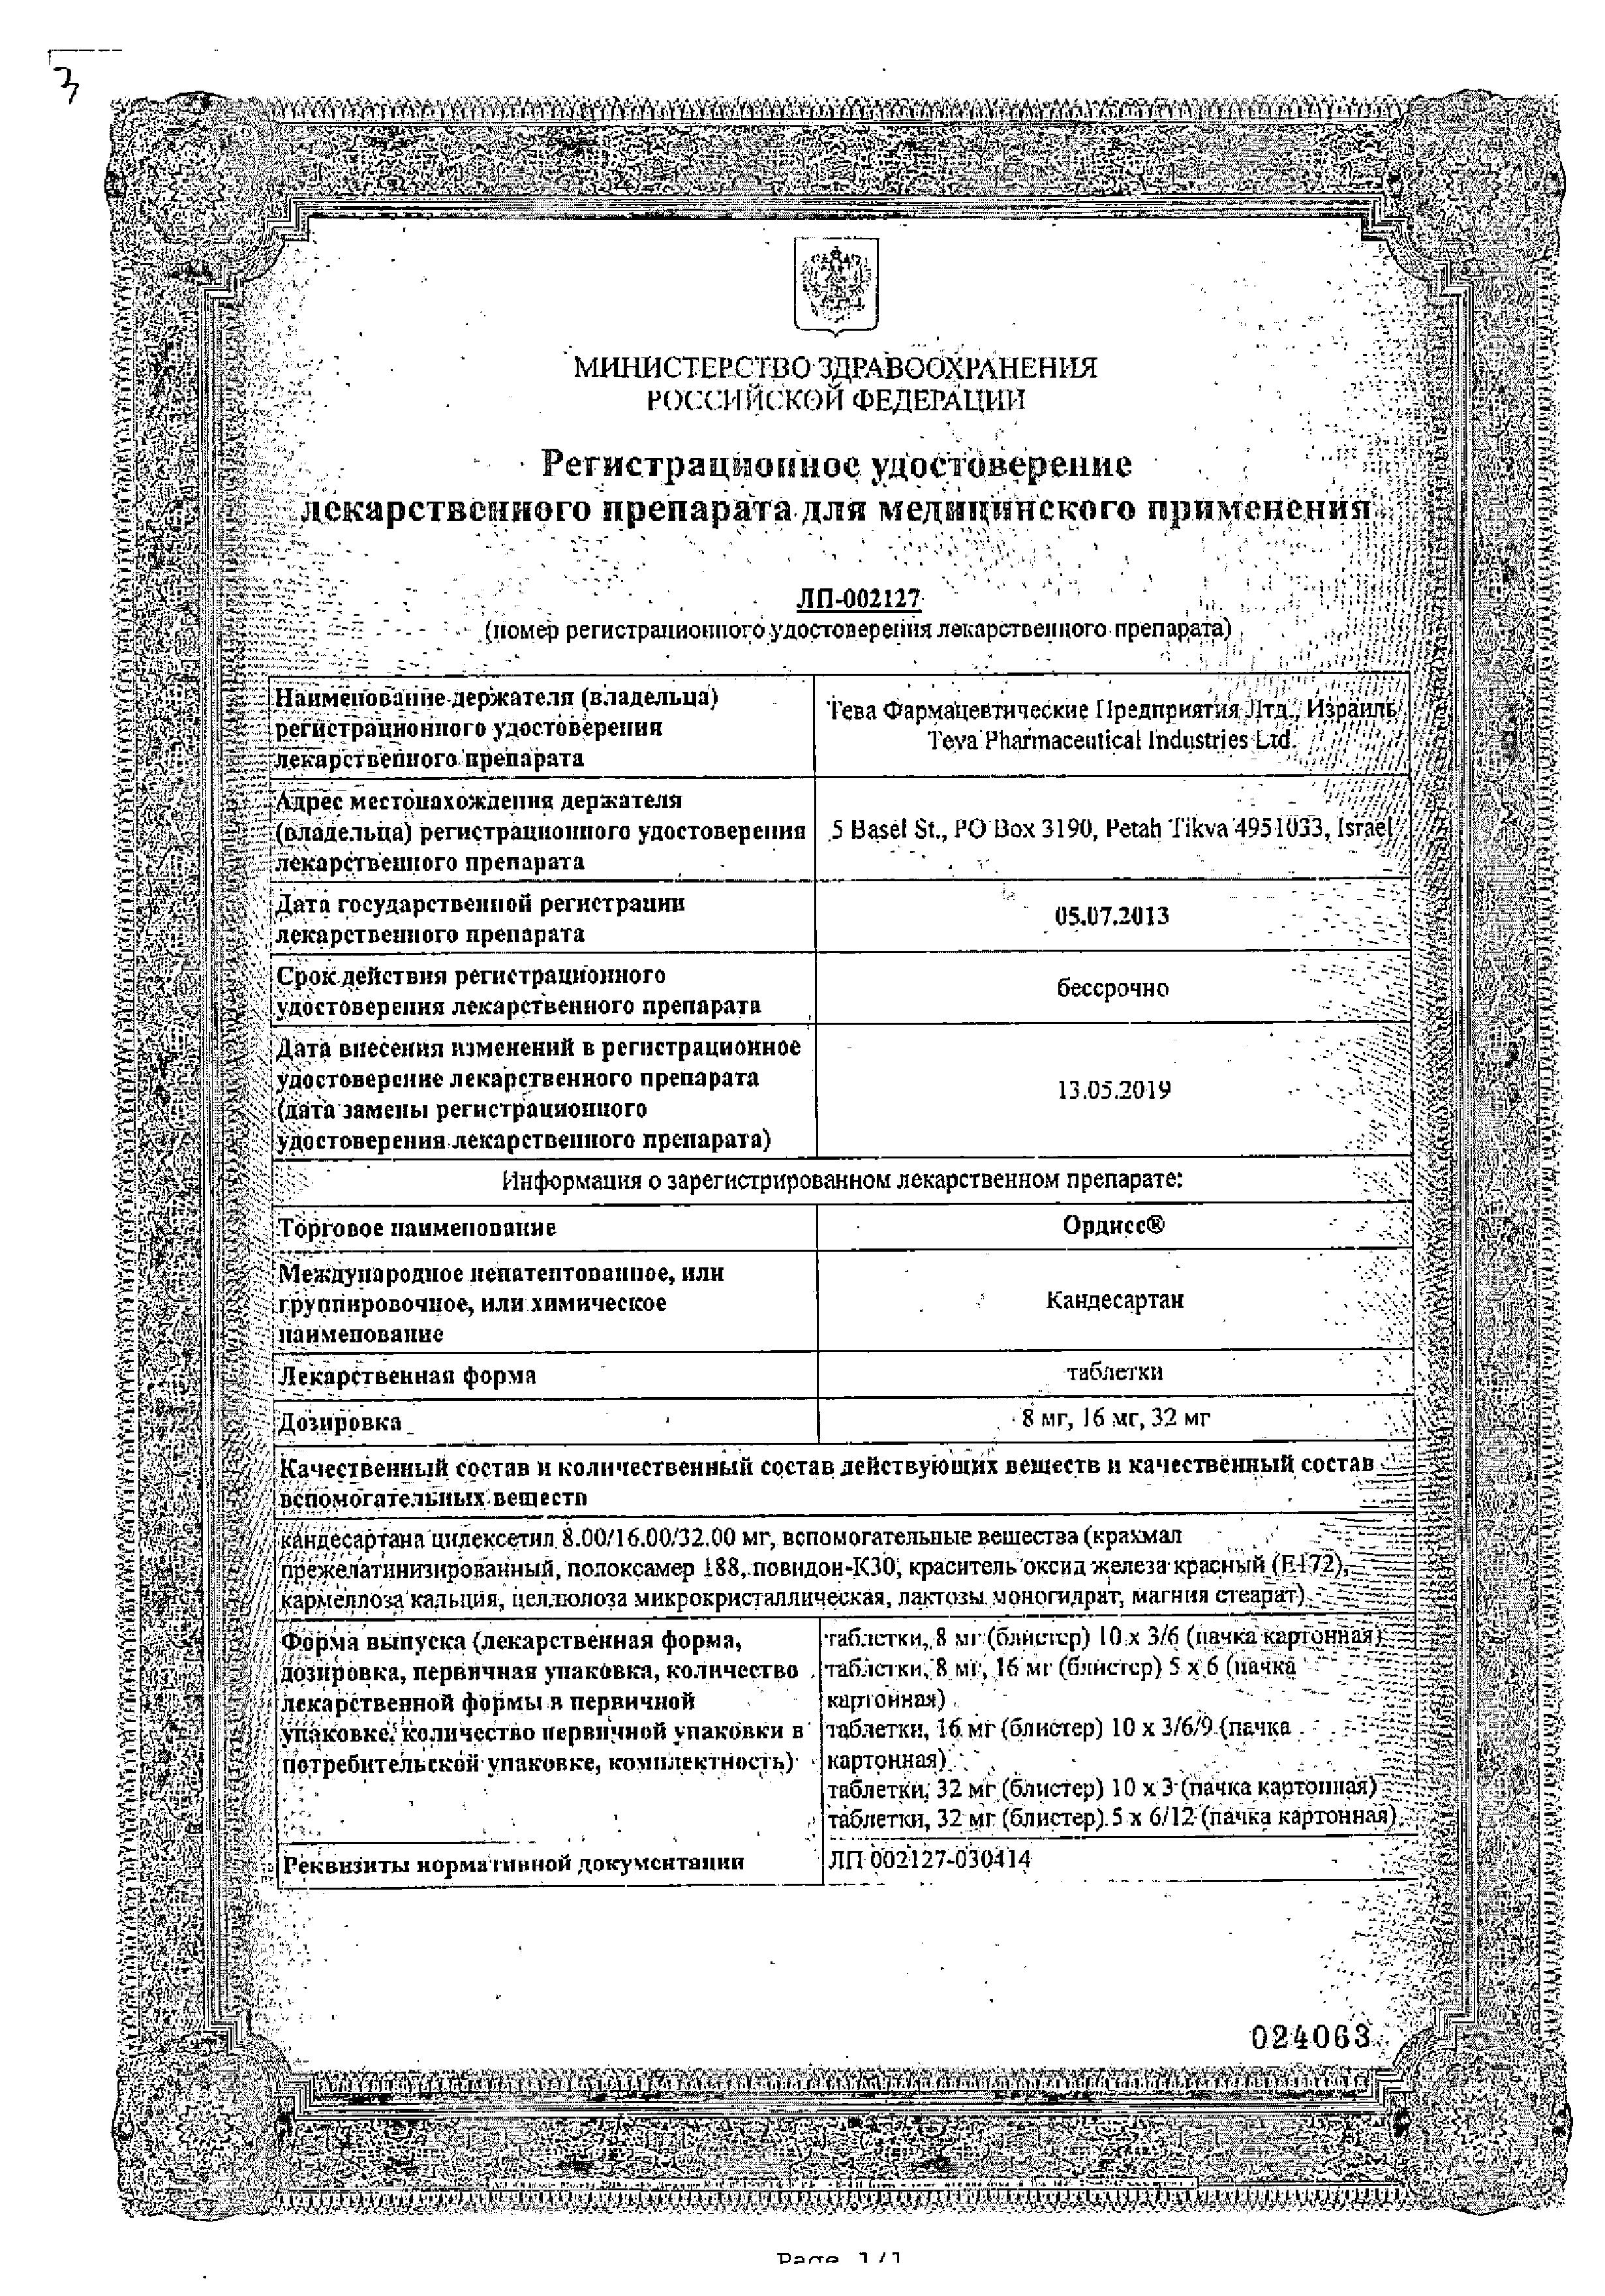 Аспирин-C сертификат